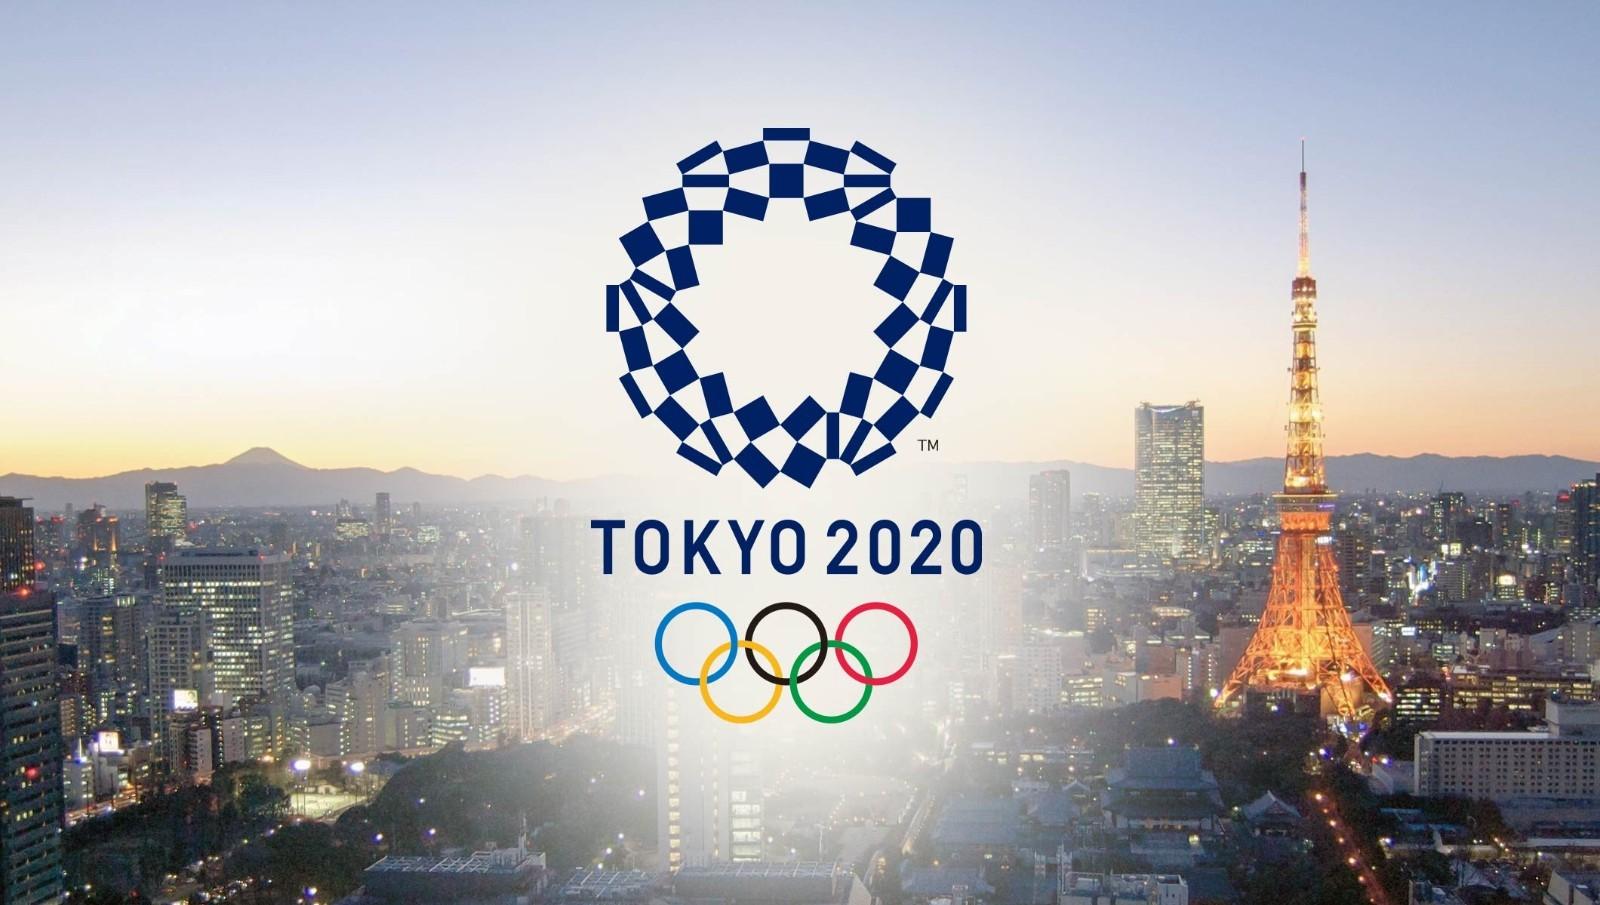 国际奥委会再次强调:东京奥运会百分之百如期举行